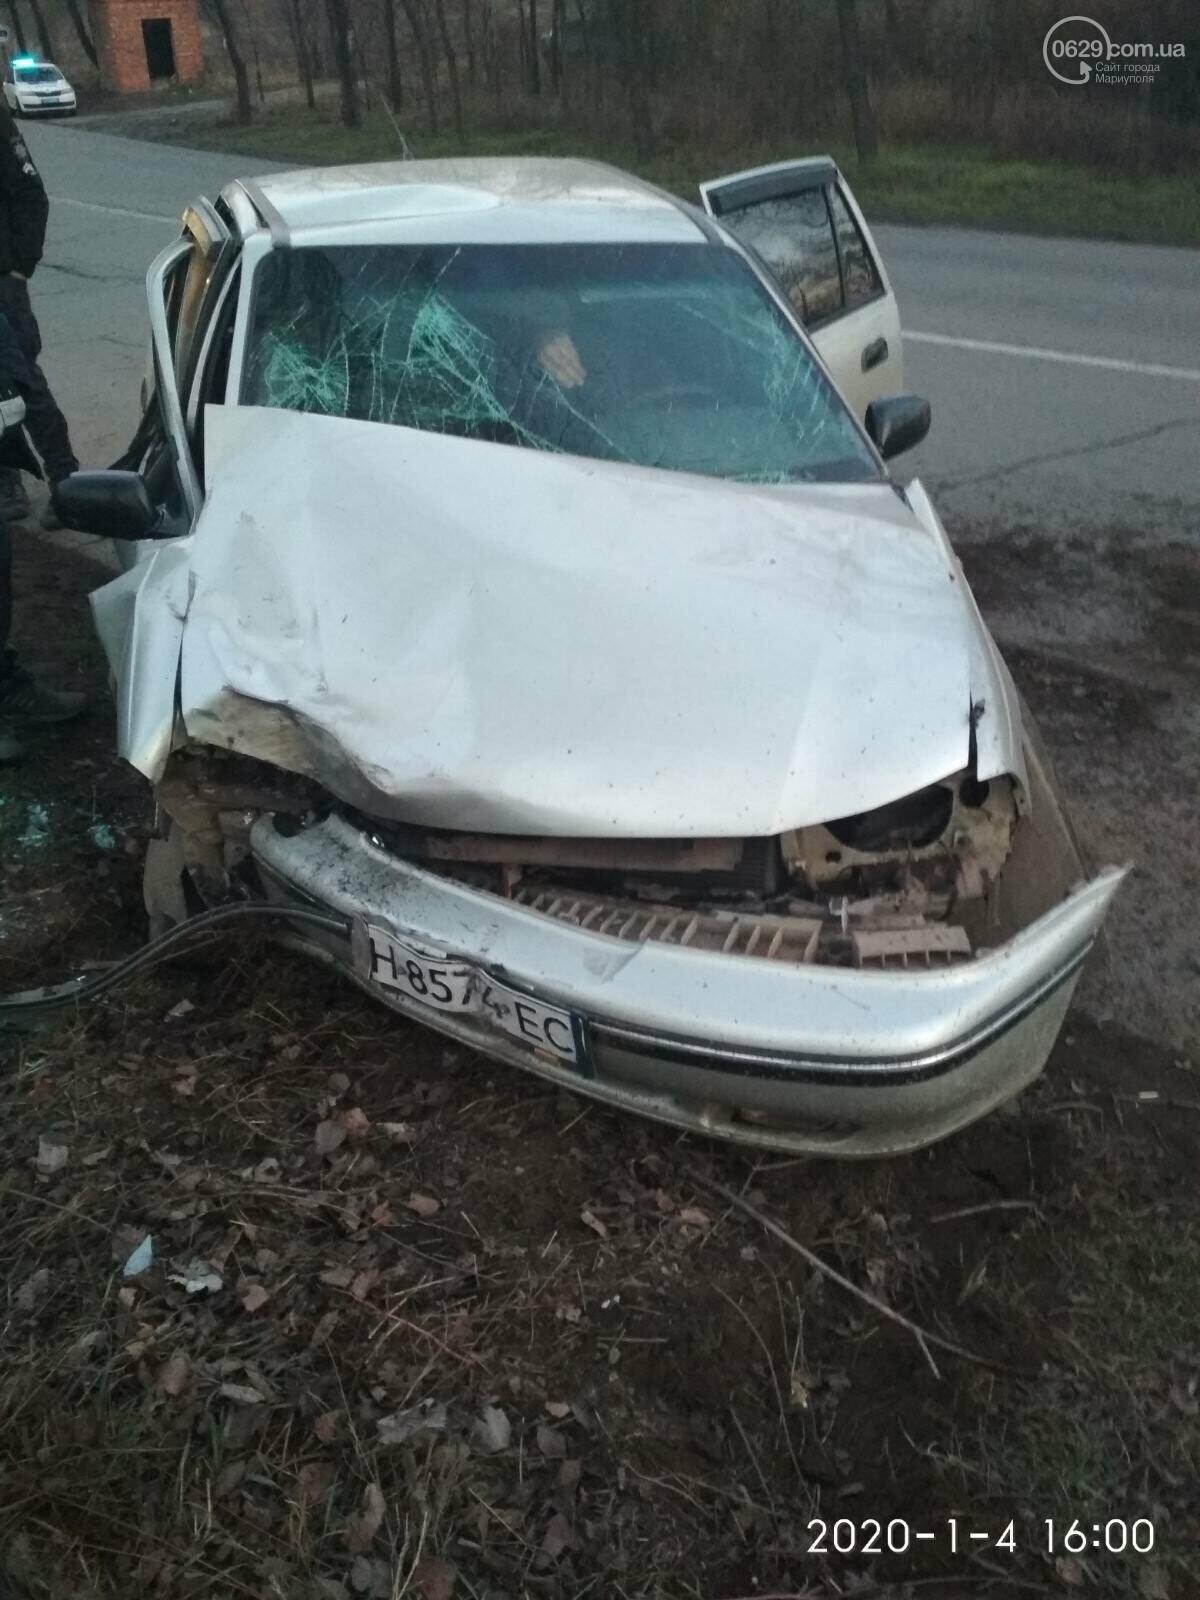 В Мариуполе на ул. Тополиной автомобиль влетел в дерево. Пострадали 4 человека, - ФОТО, фото-8